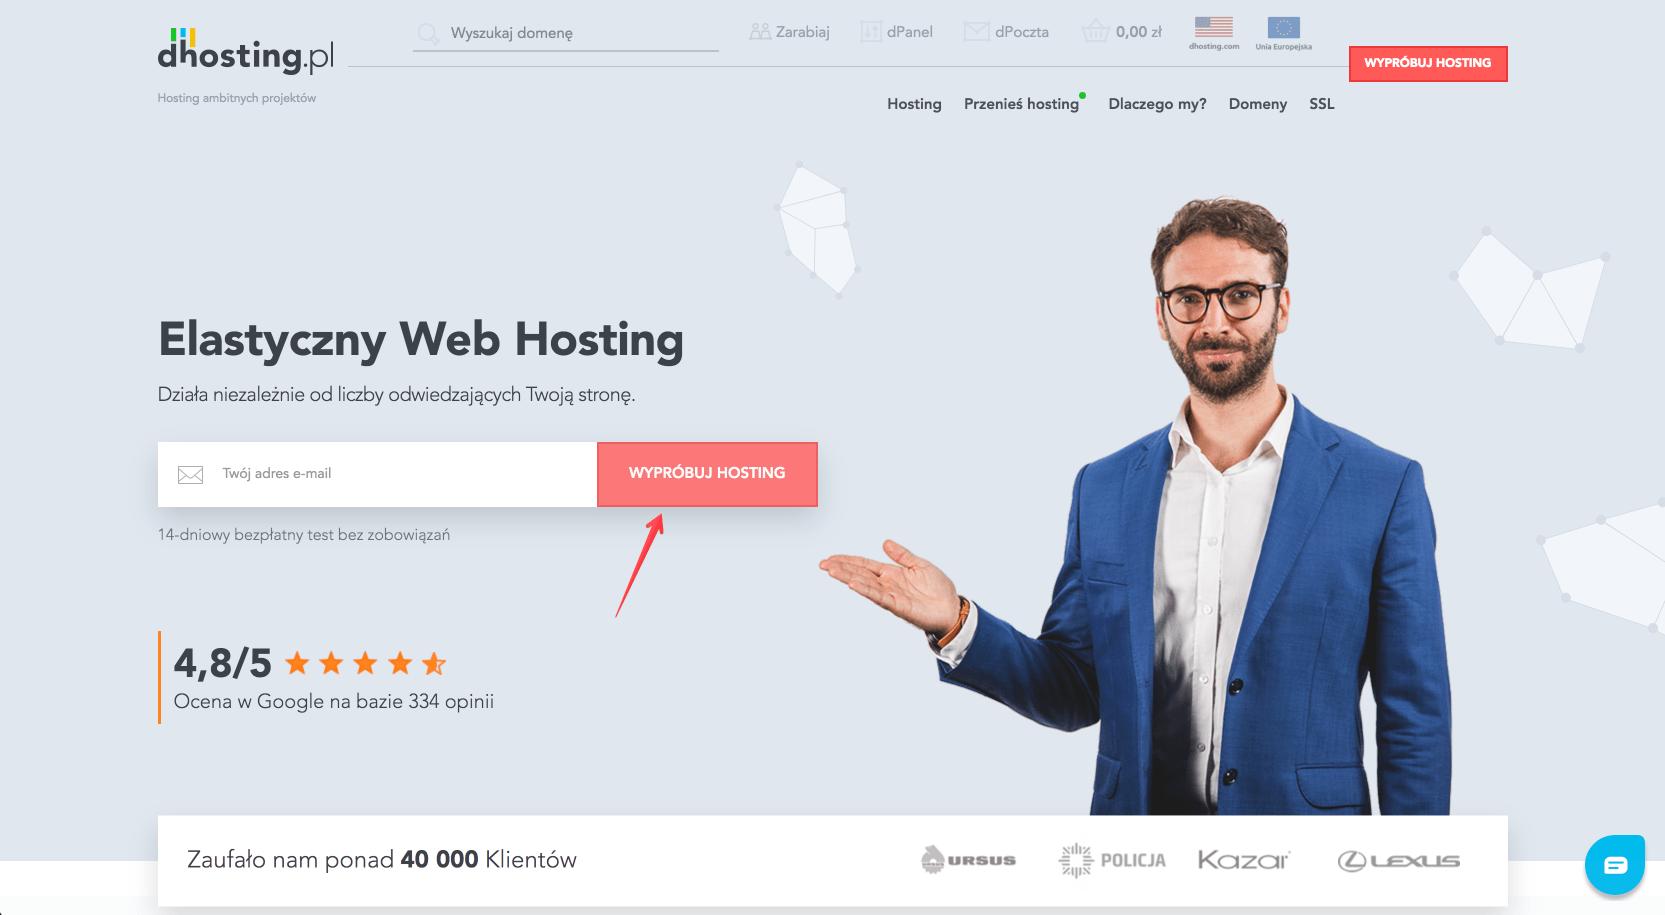 dhosting.pl wypróbuj hosting